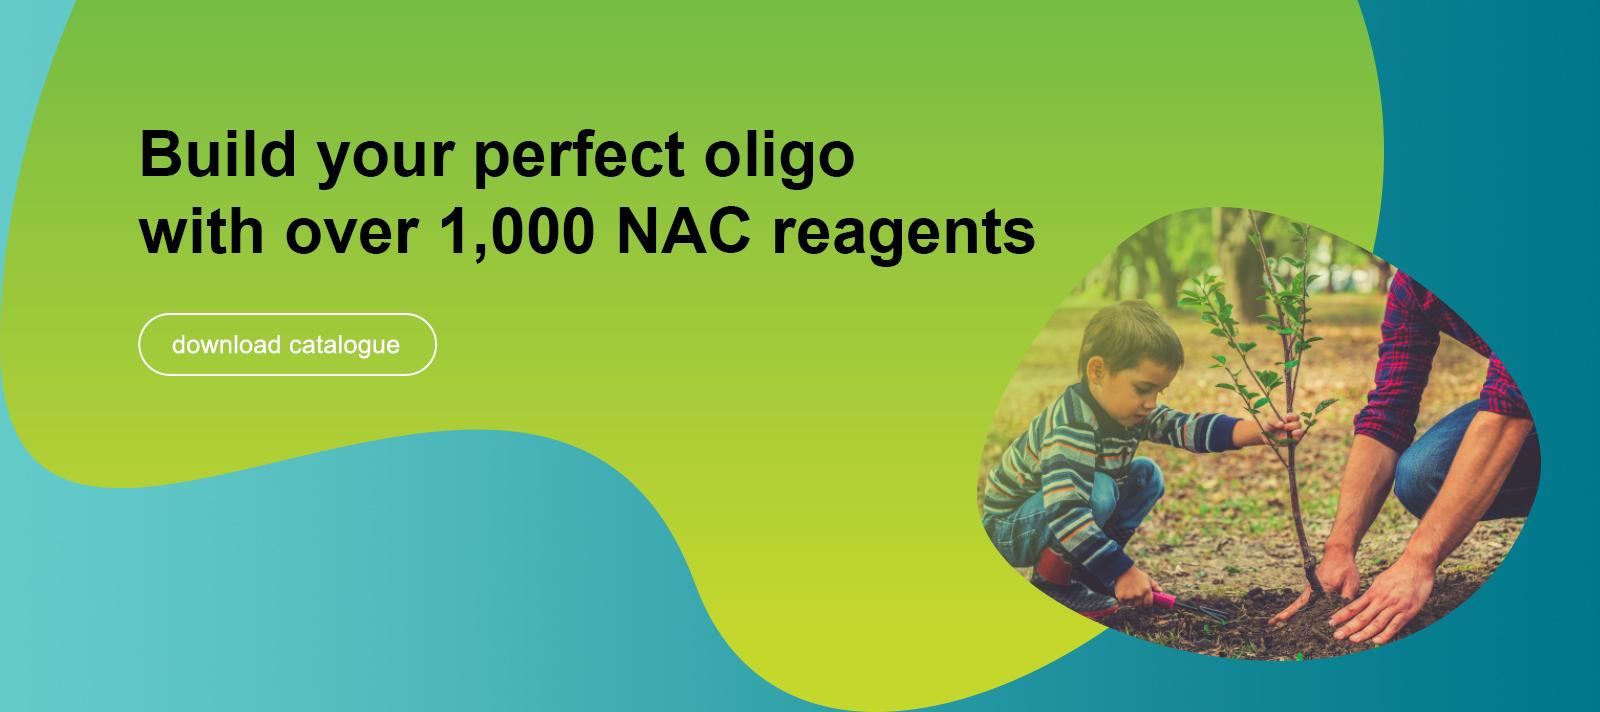 banner-nac-catalogue.jpg